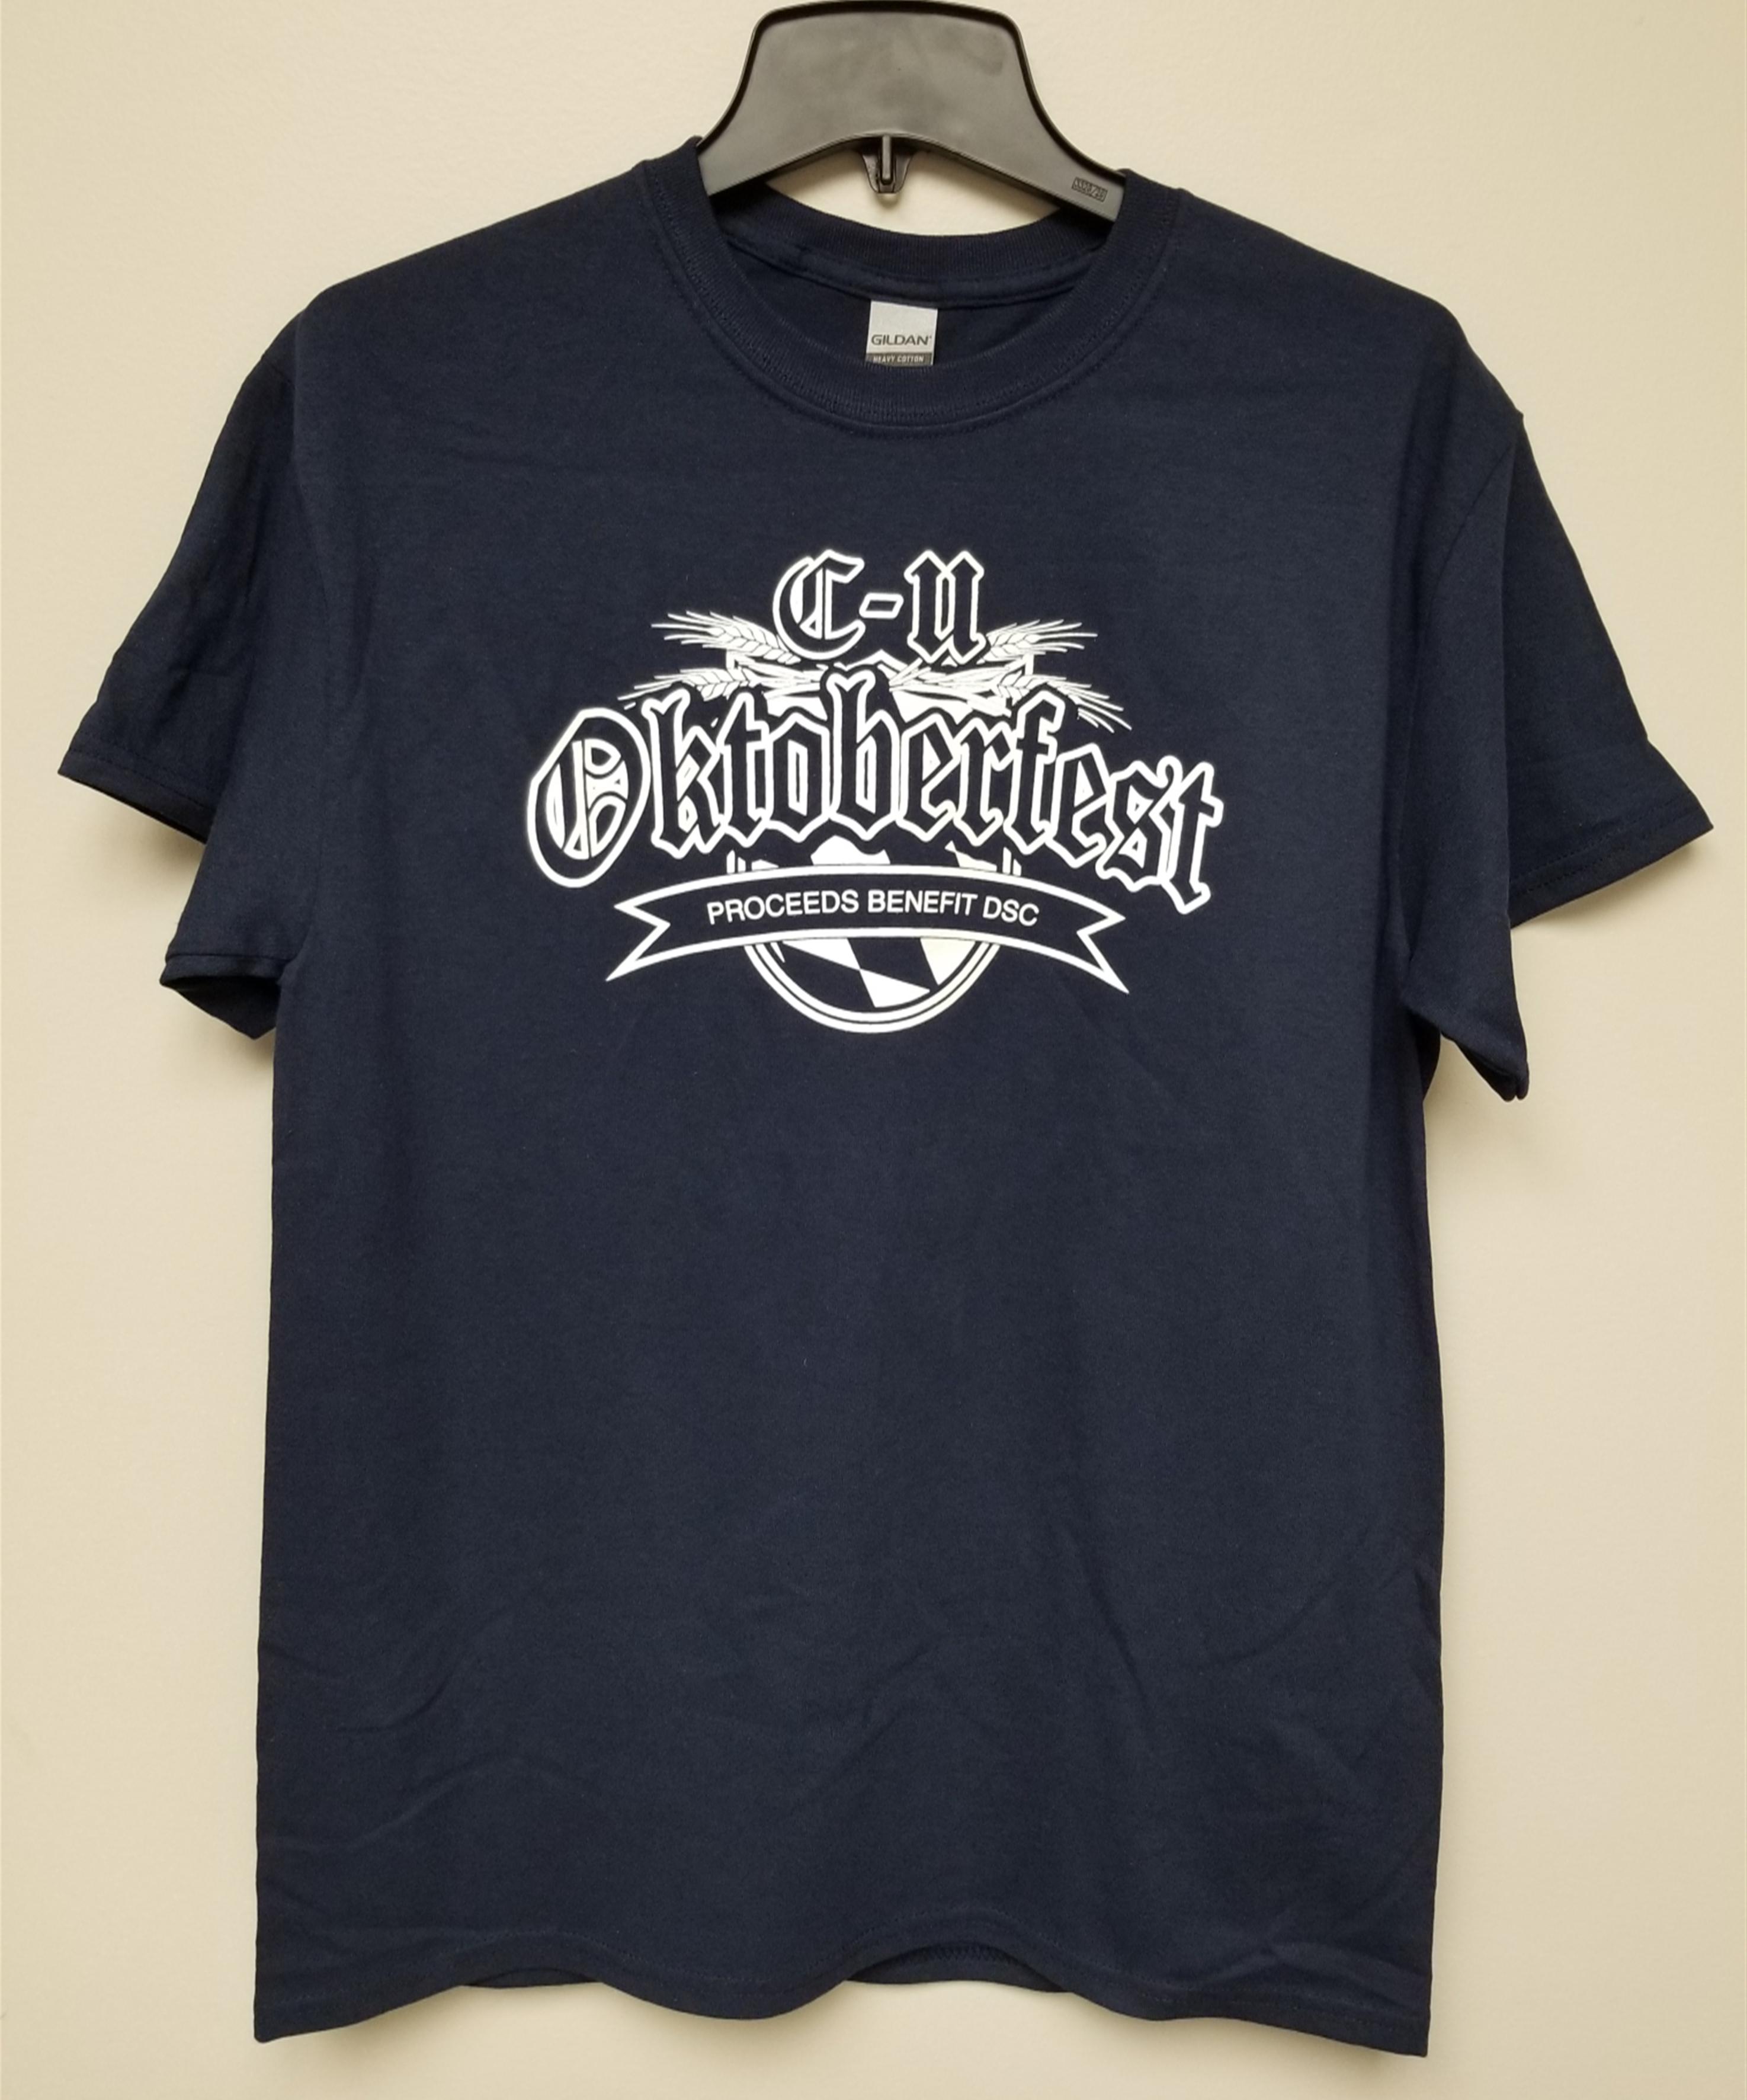 Short Sleeve T Shirt - $10